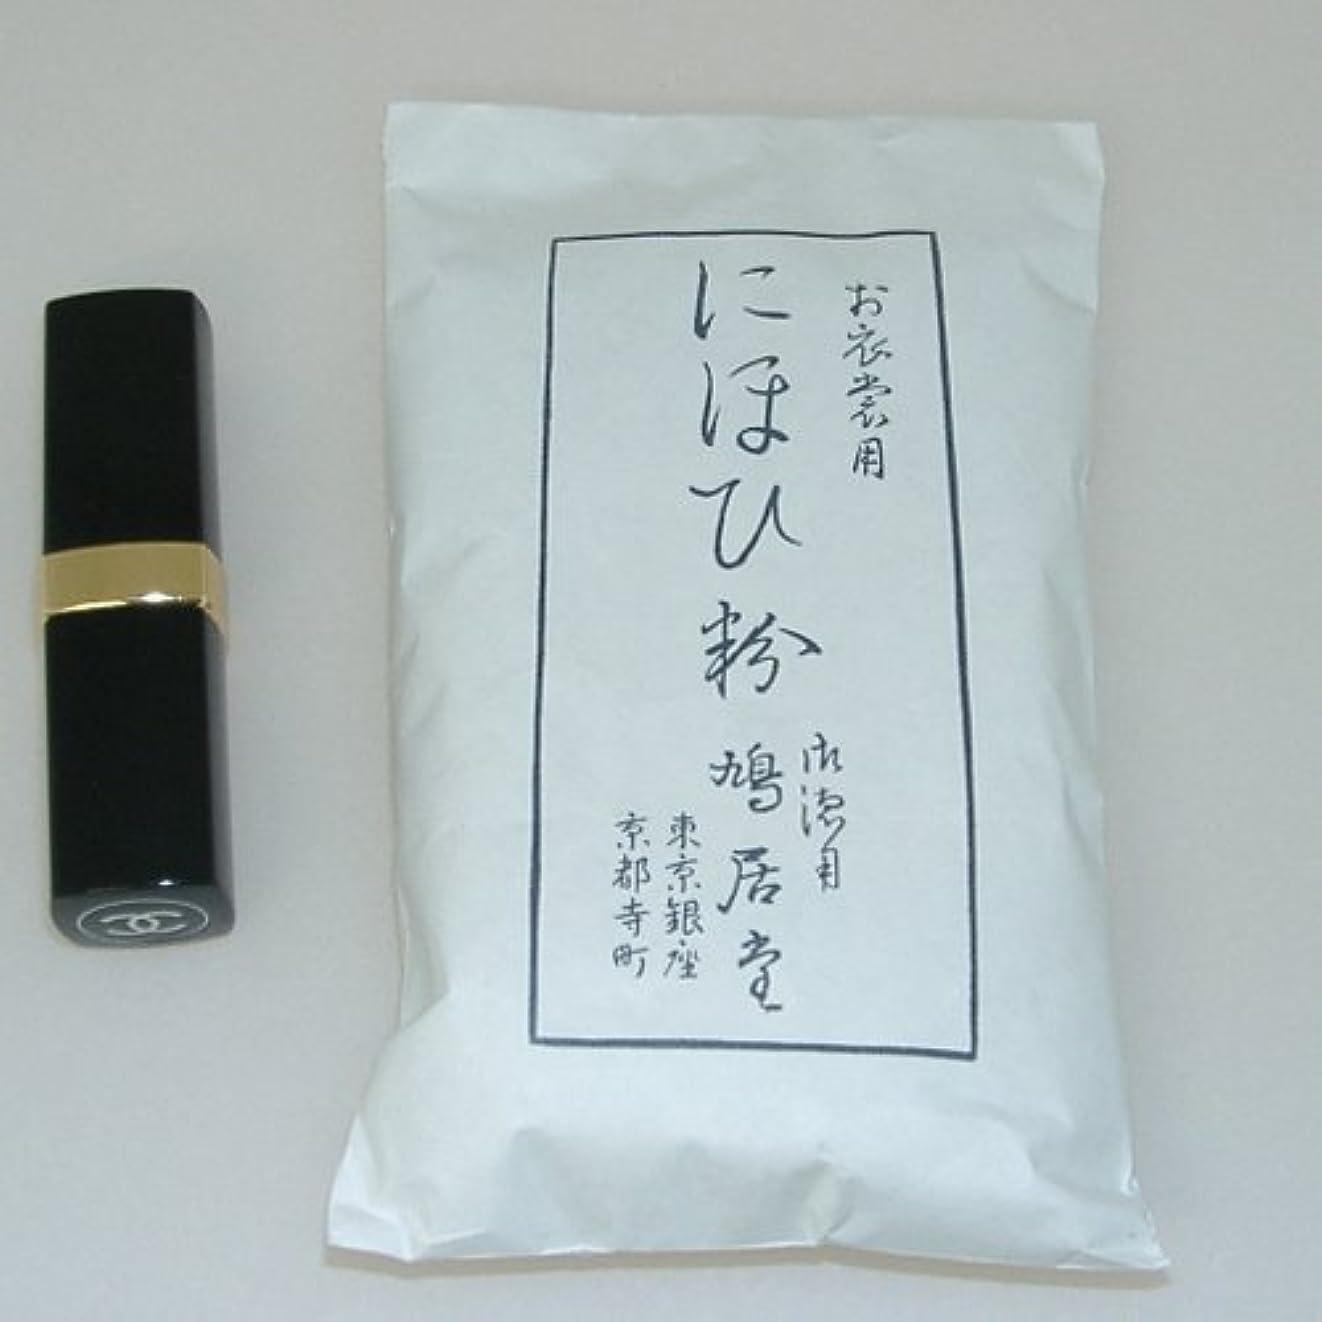 鳩居堂 にほひ袋 詰め替え用 徳用匂粉(大) 鳩613